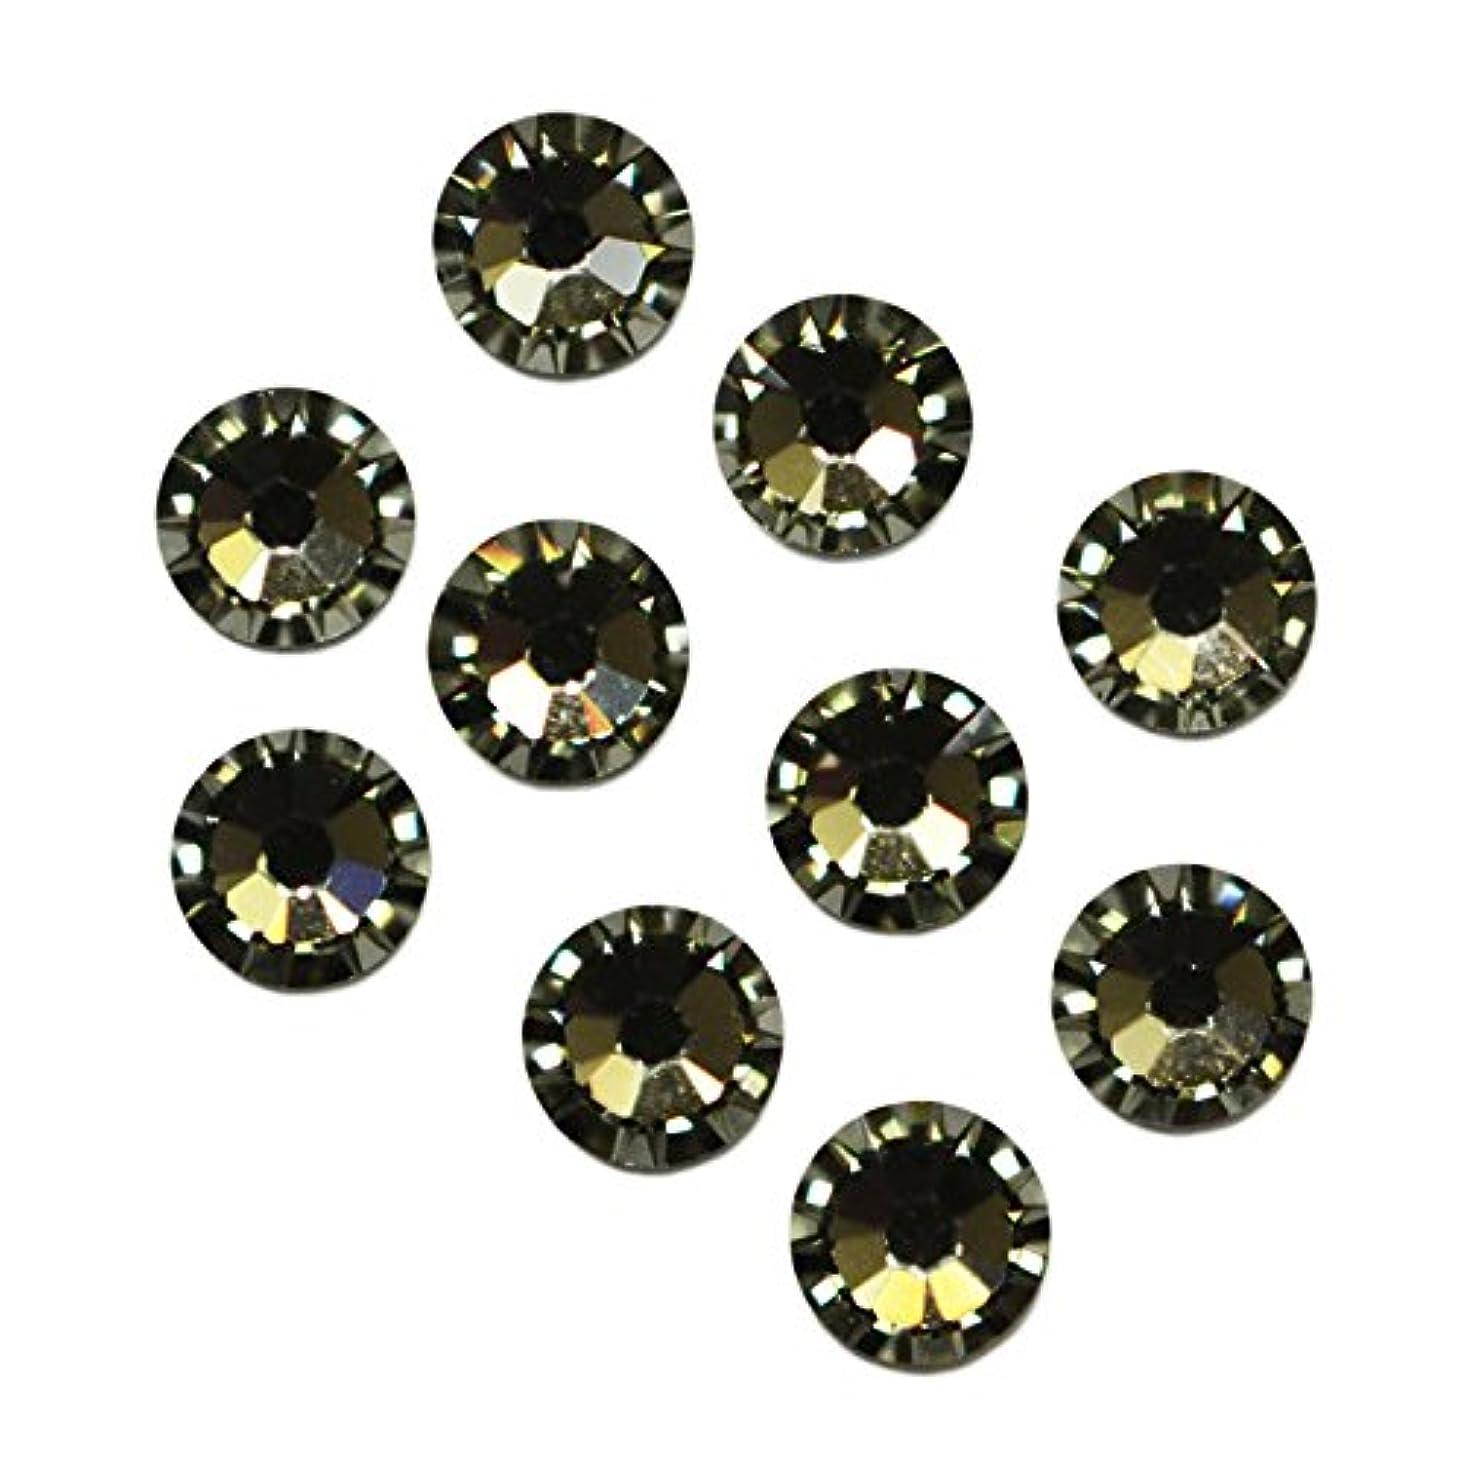 コック石化する口スワロフスキーエレメント ブラックダイヤ /フラットバック ノンホットフィックス (ss3/40粒)